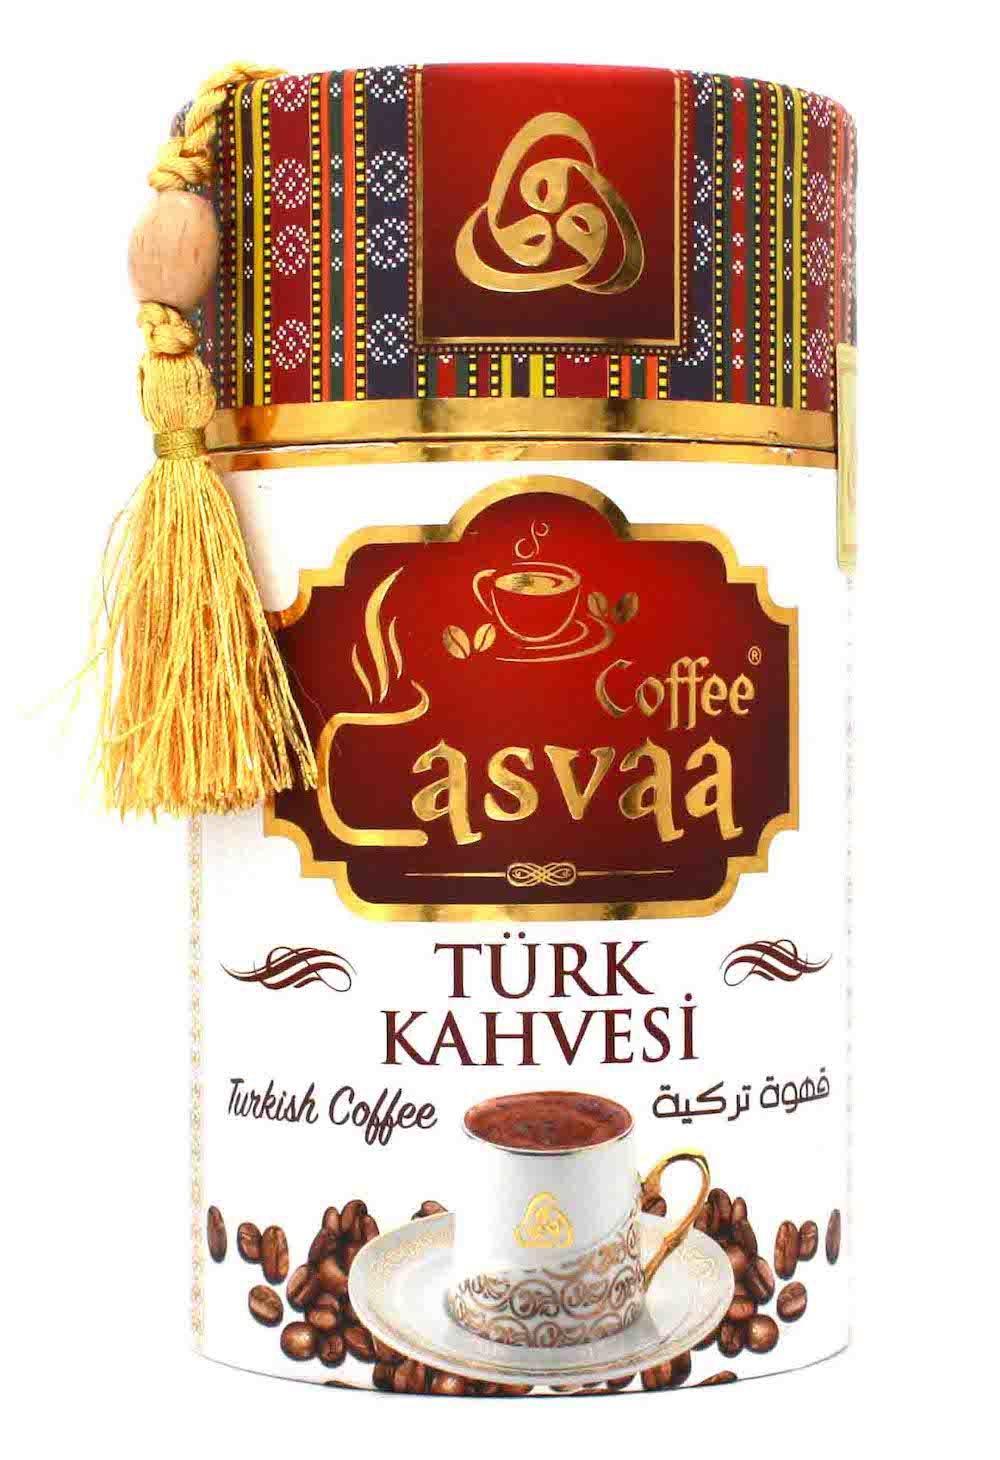 Кофе молотый Турецкий кофе молотый классический, Casvaa, 250 г import_files_b4_b4e4e9e63ea211eba9db484d7ecee297_7f49c4cb3f6a11eba9db484d7ecee297.jpg